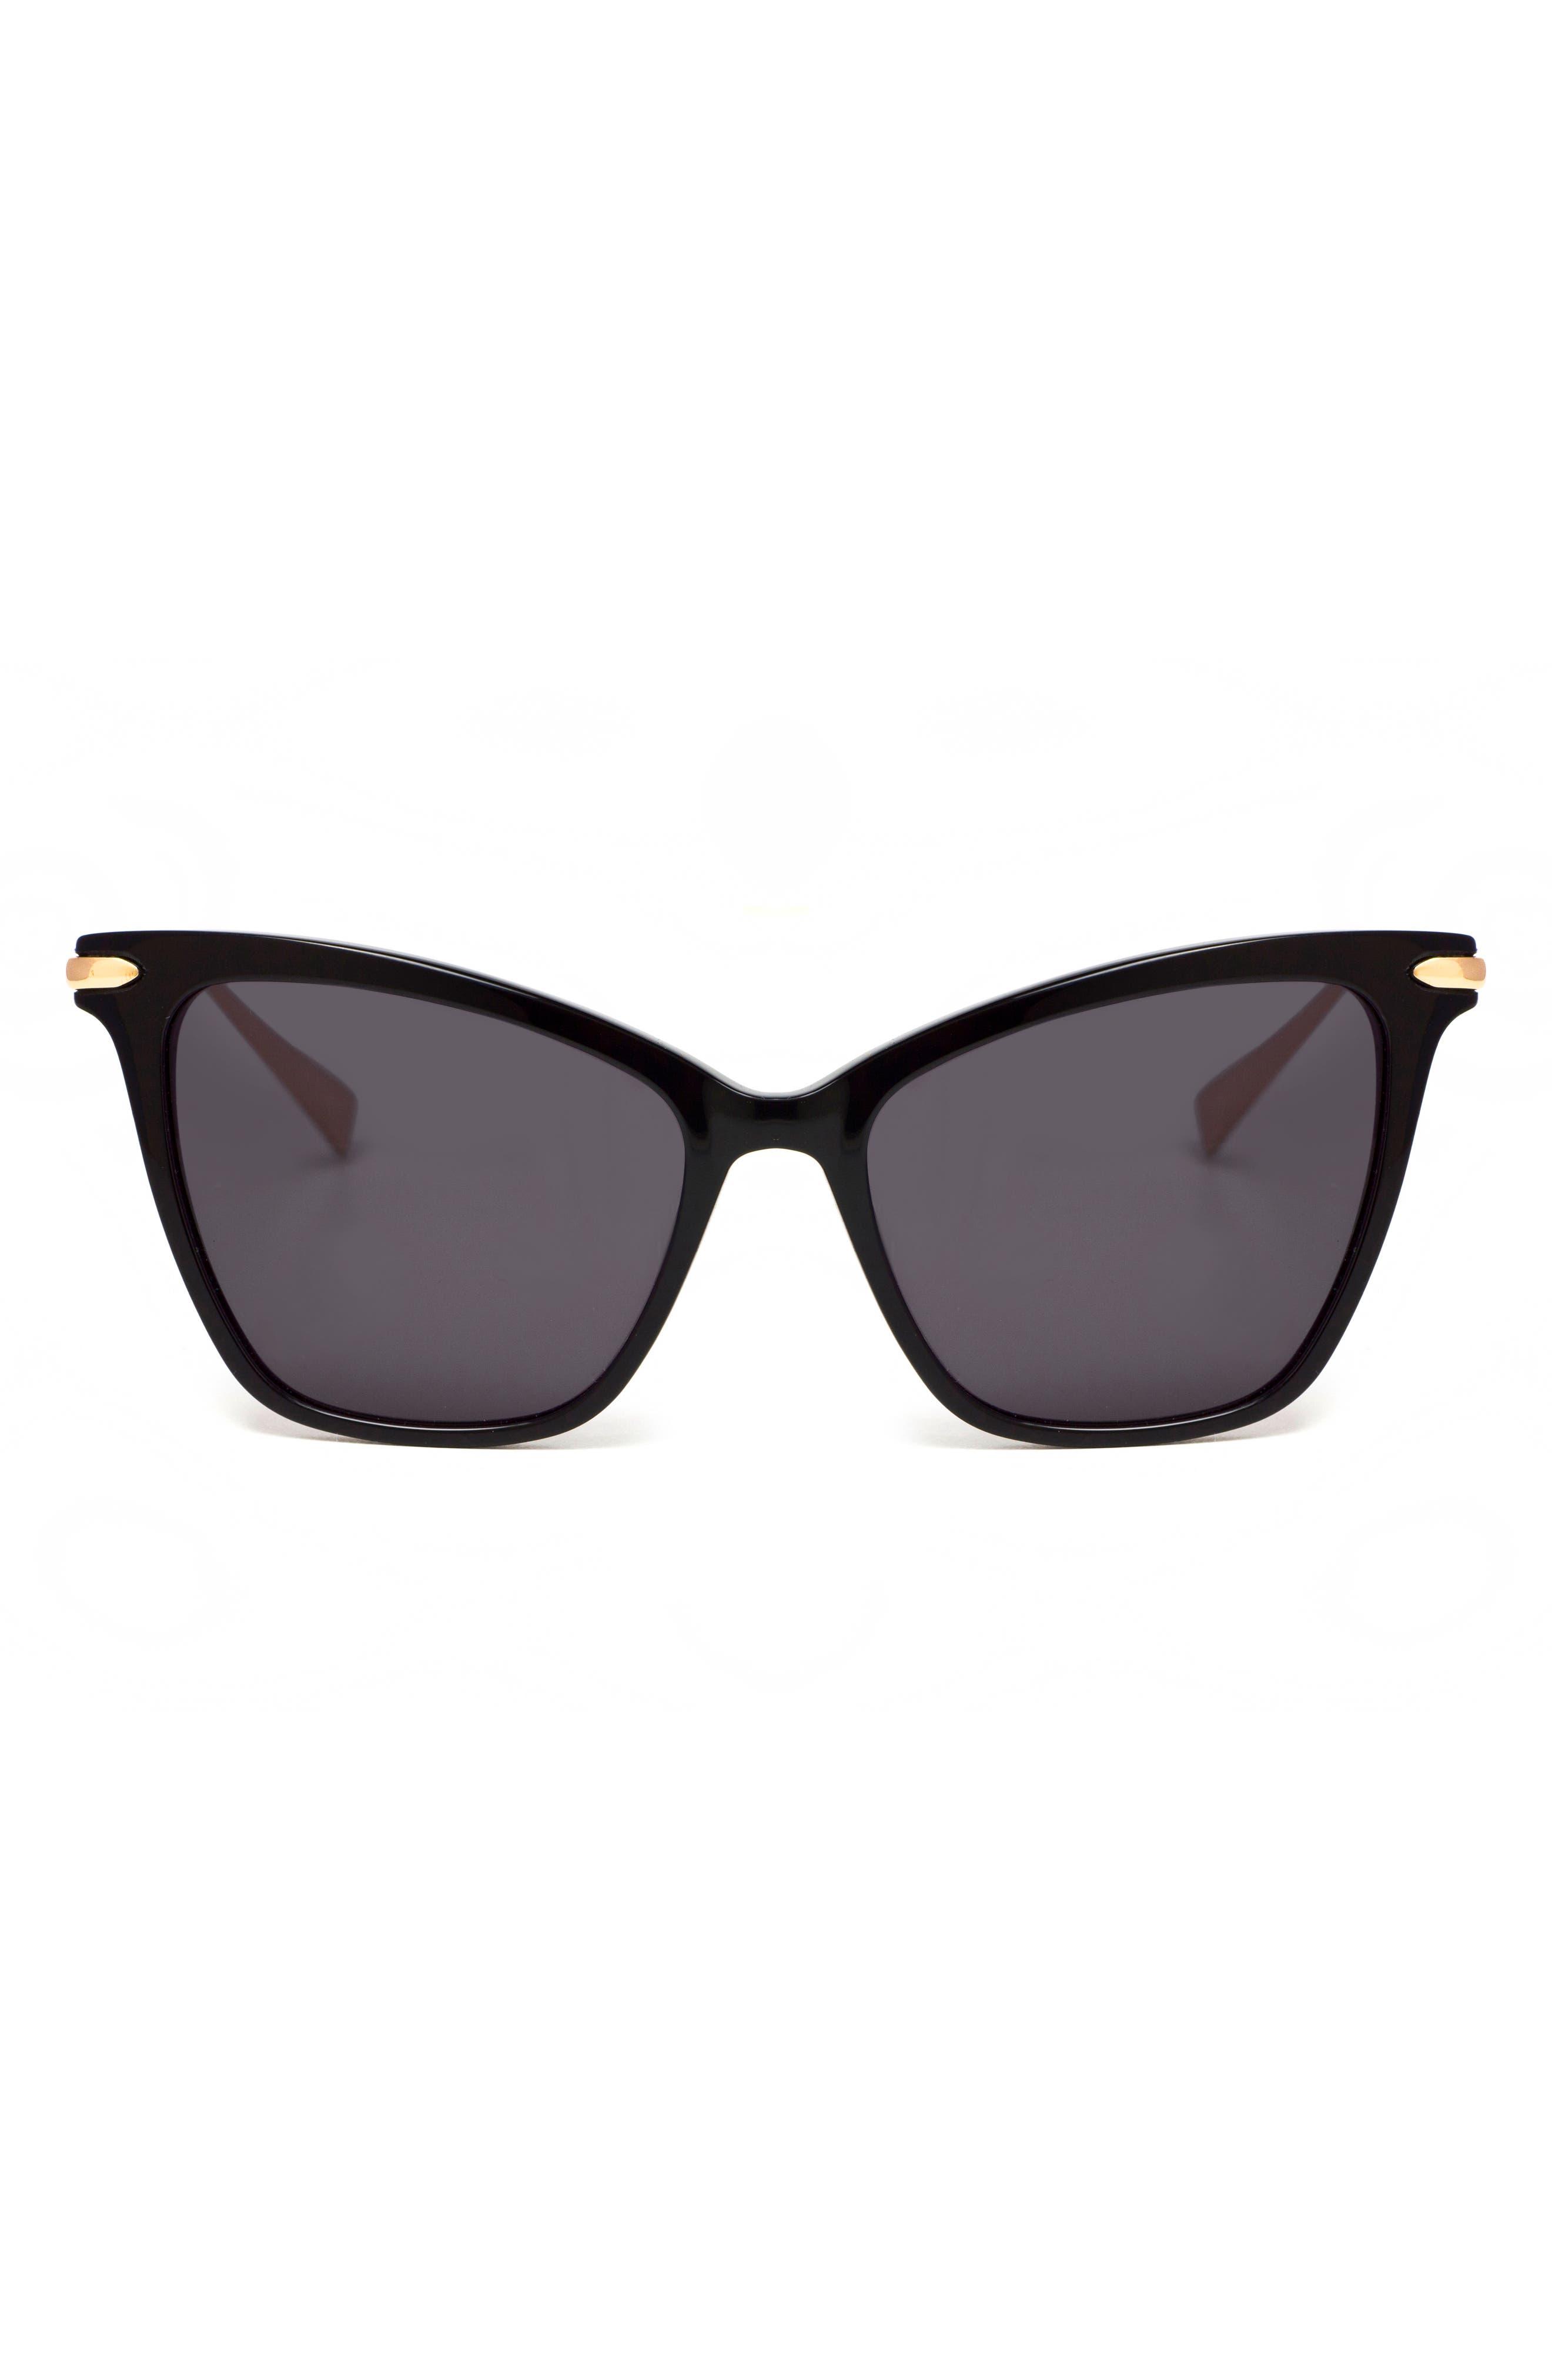 Jetsetter 55mm Cat Eye Sunglasses,                             Alternate thumbnail 3, color,                             001